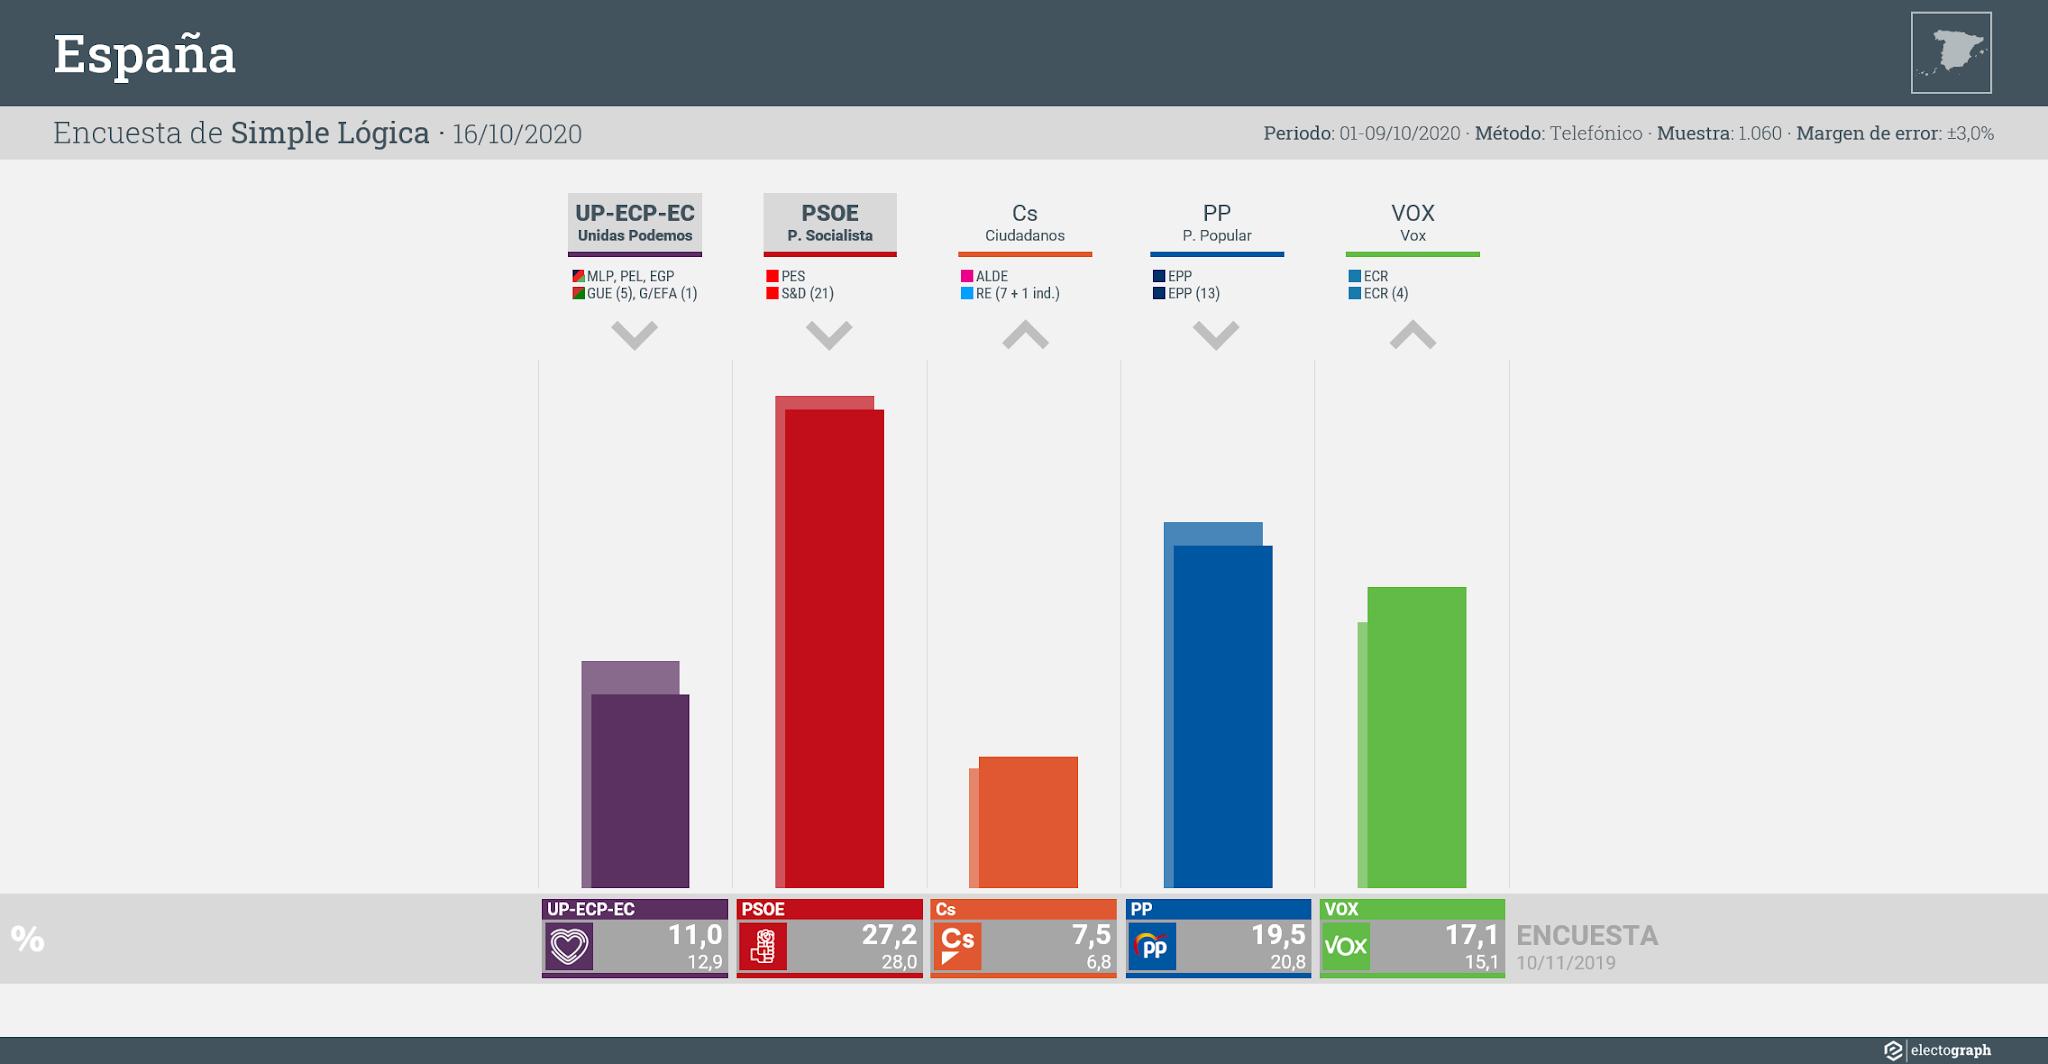 Gráfico de la encuesta para elecciones generales en España realizada por Simple Lógica, 16 de octubre de 2020